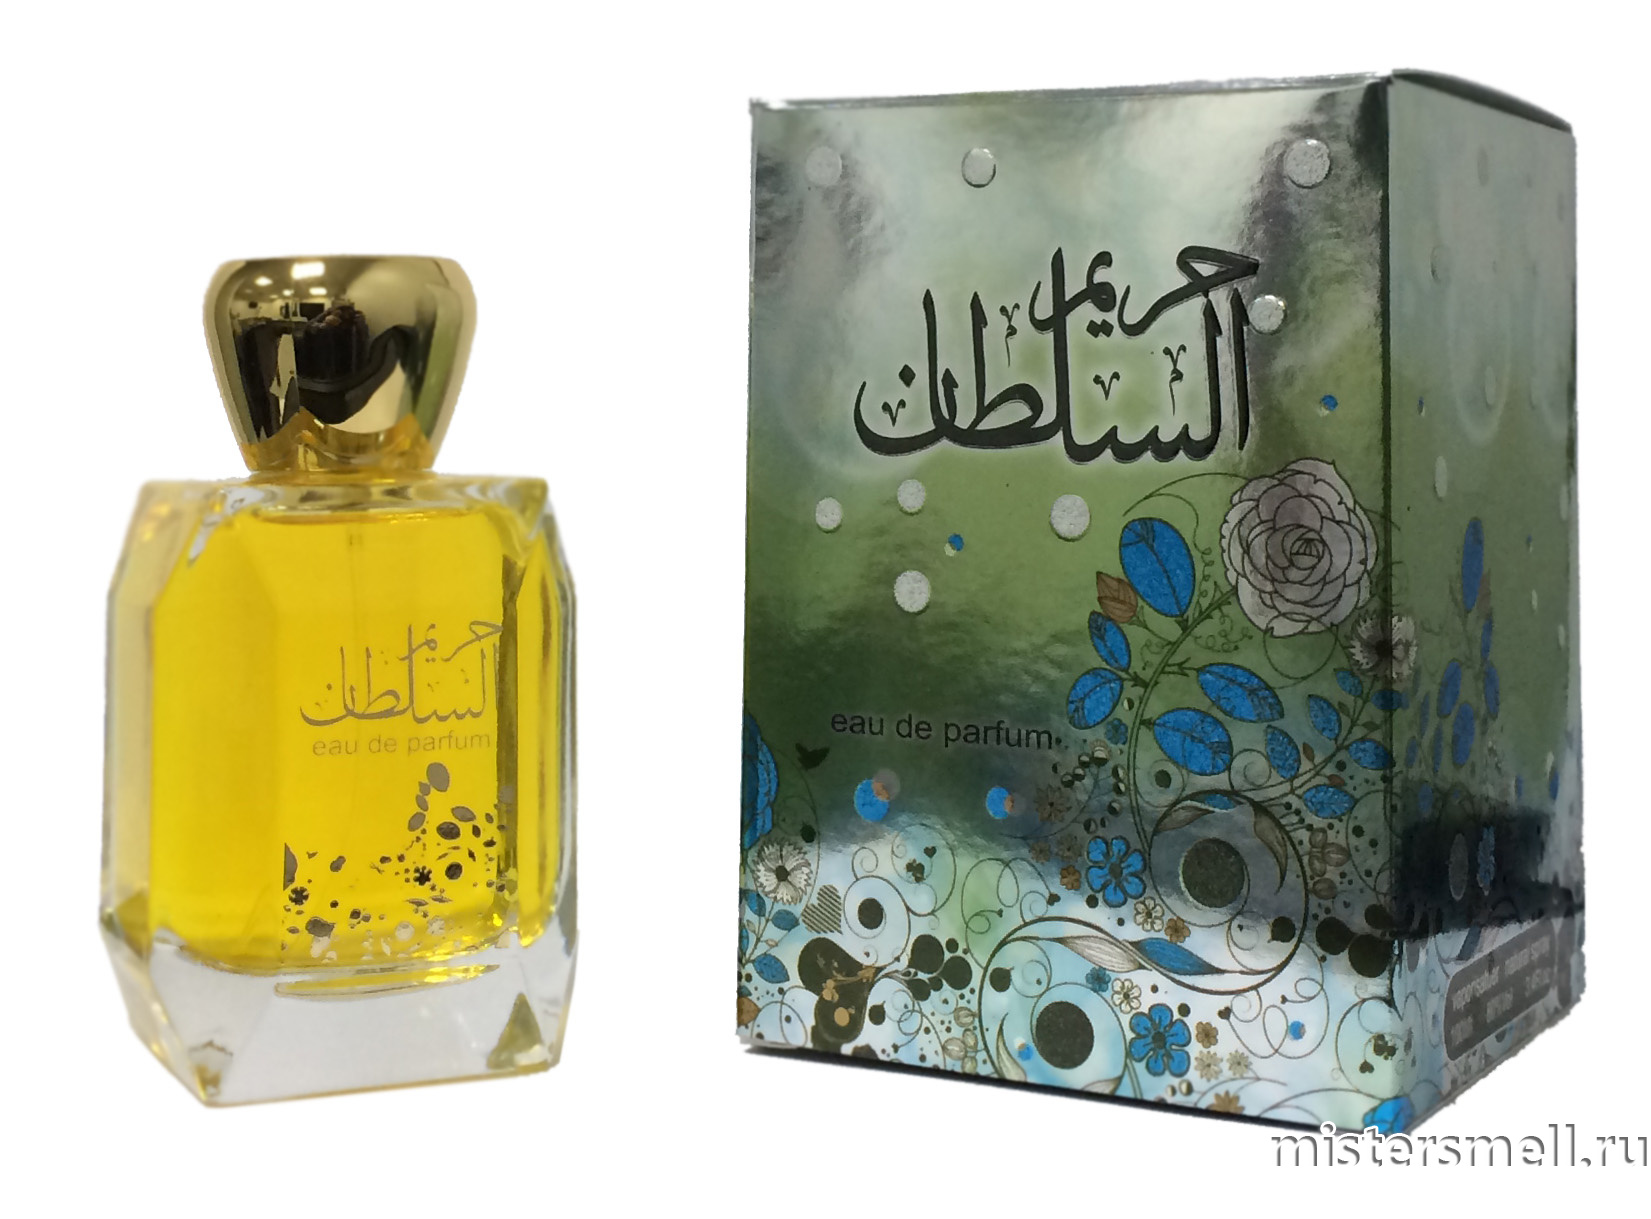 Купить арабские султан духи дешево интернет магазин купить духи милион в брокардо